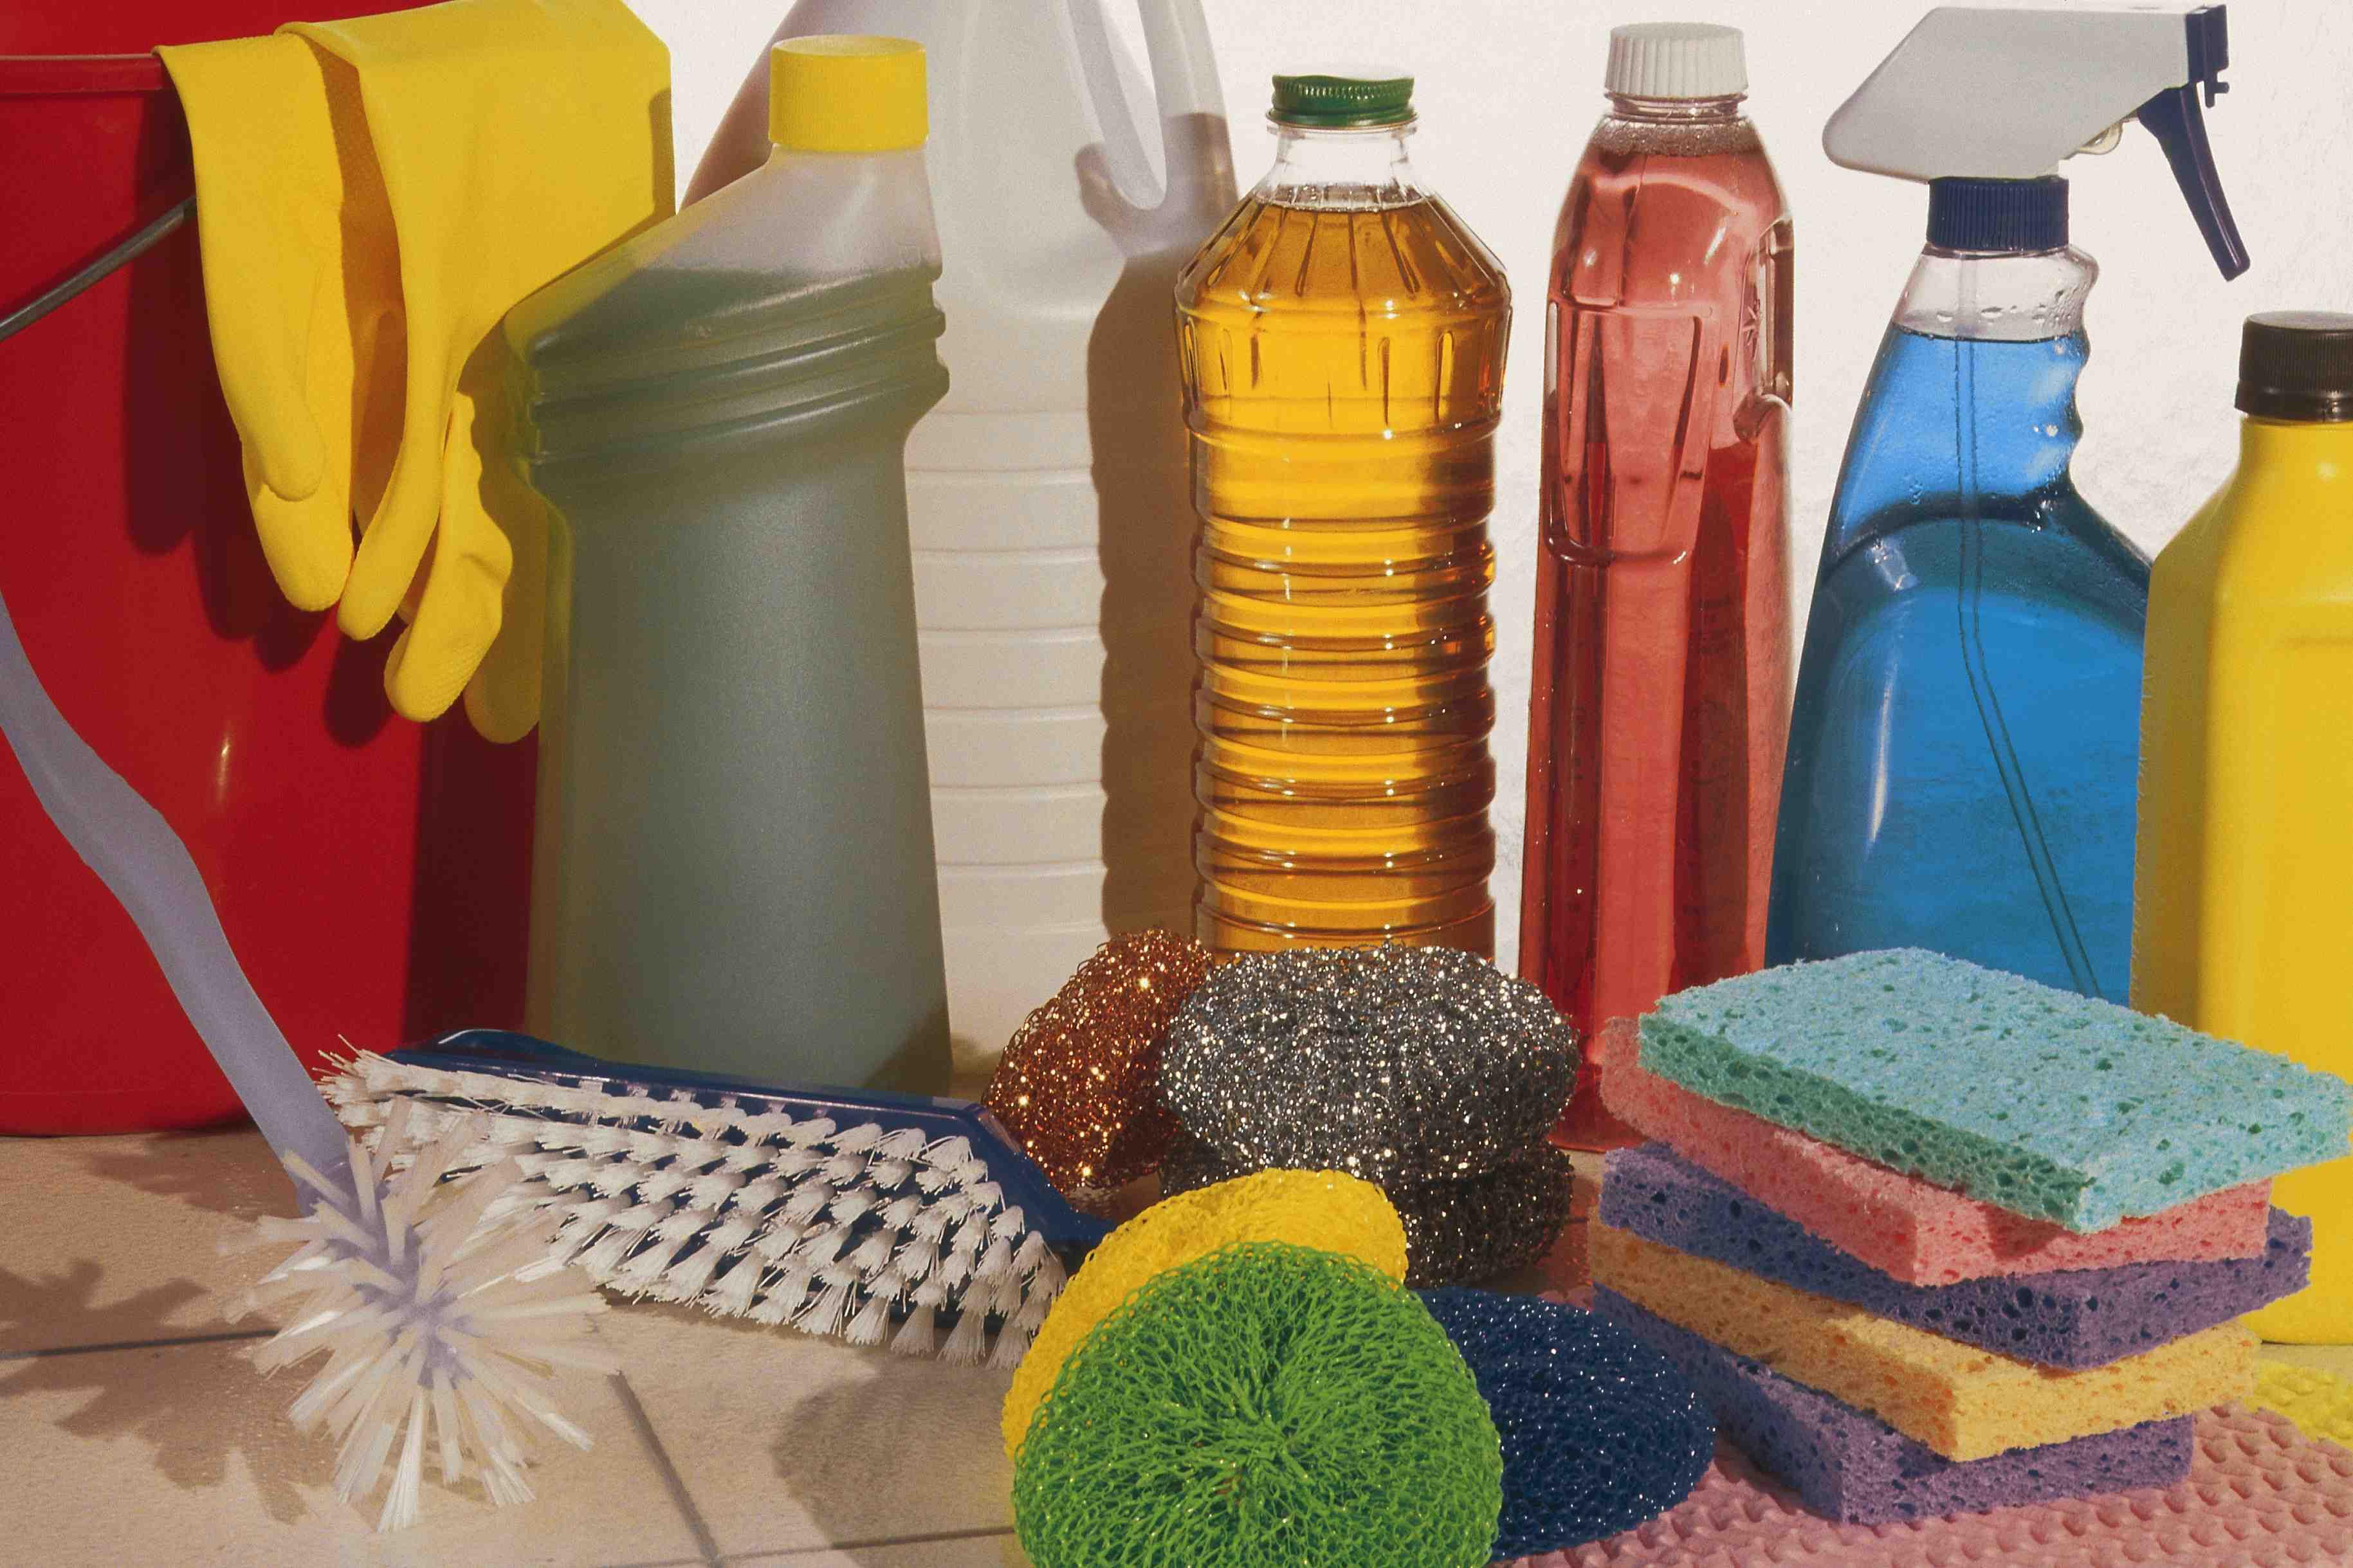 Mantener la residencia estudiantil limpia y tener hábitos saludables, ¡sí, se puede!